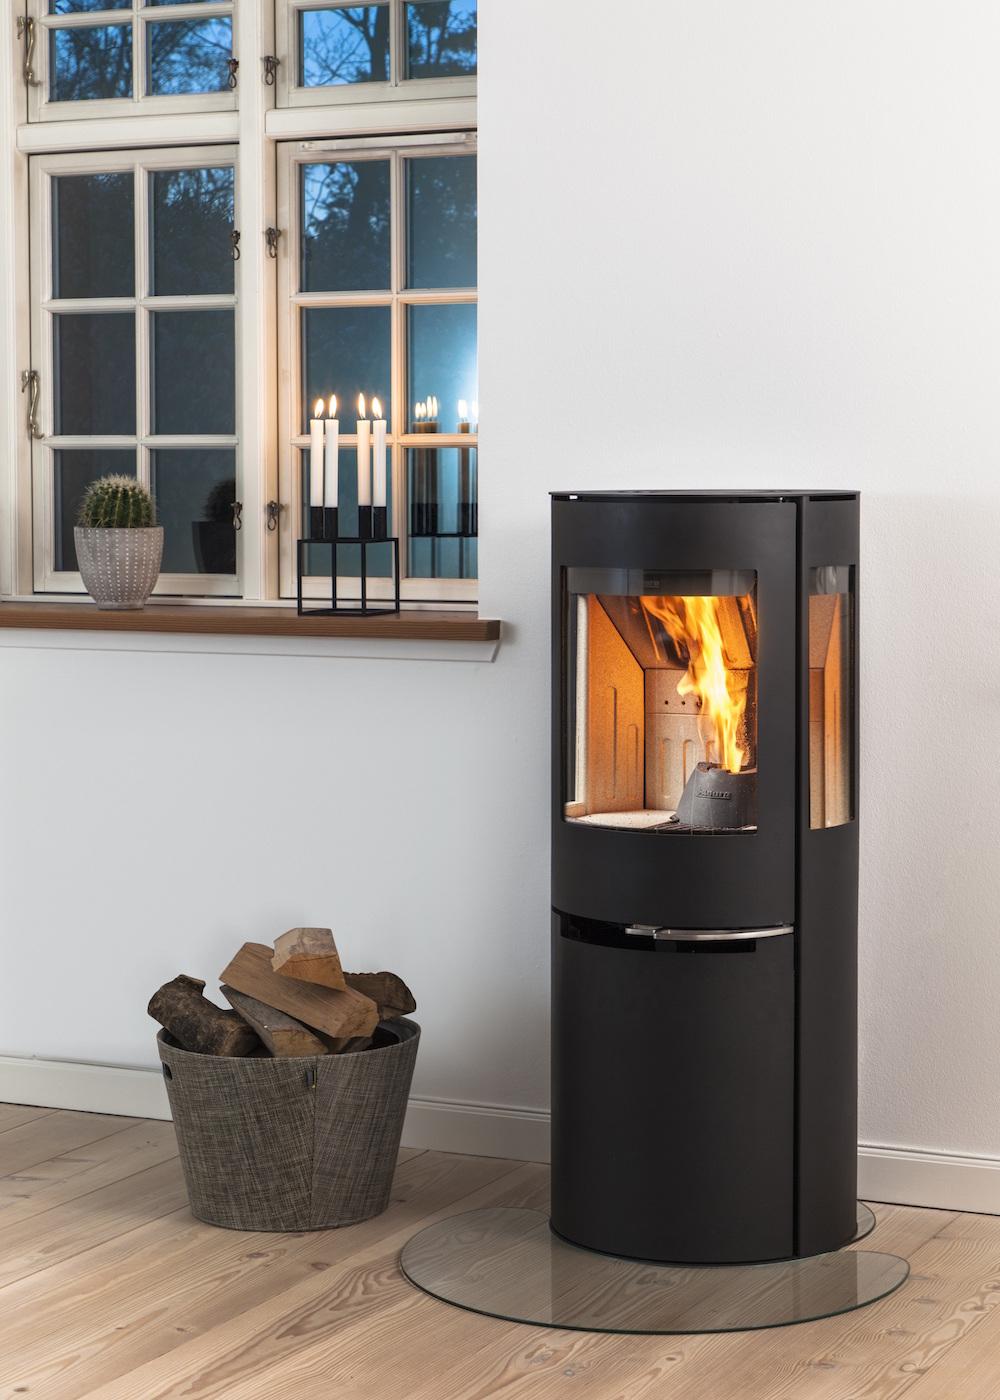 Wil je na een lange dag werken graag thuiskomen in een verwarmd huis? Dat kan door je hybride kachel eenvoudigweg te programmeren op pellets. Geniet je 's avonds liever van gezellige vlammen en een houtvuur? Dan hervul je deze kachel met een paar houtblokken! Aduro H1 #pelletkachel #houtkachel #aduro